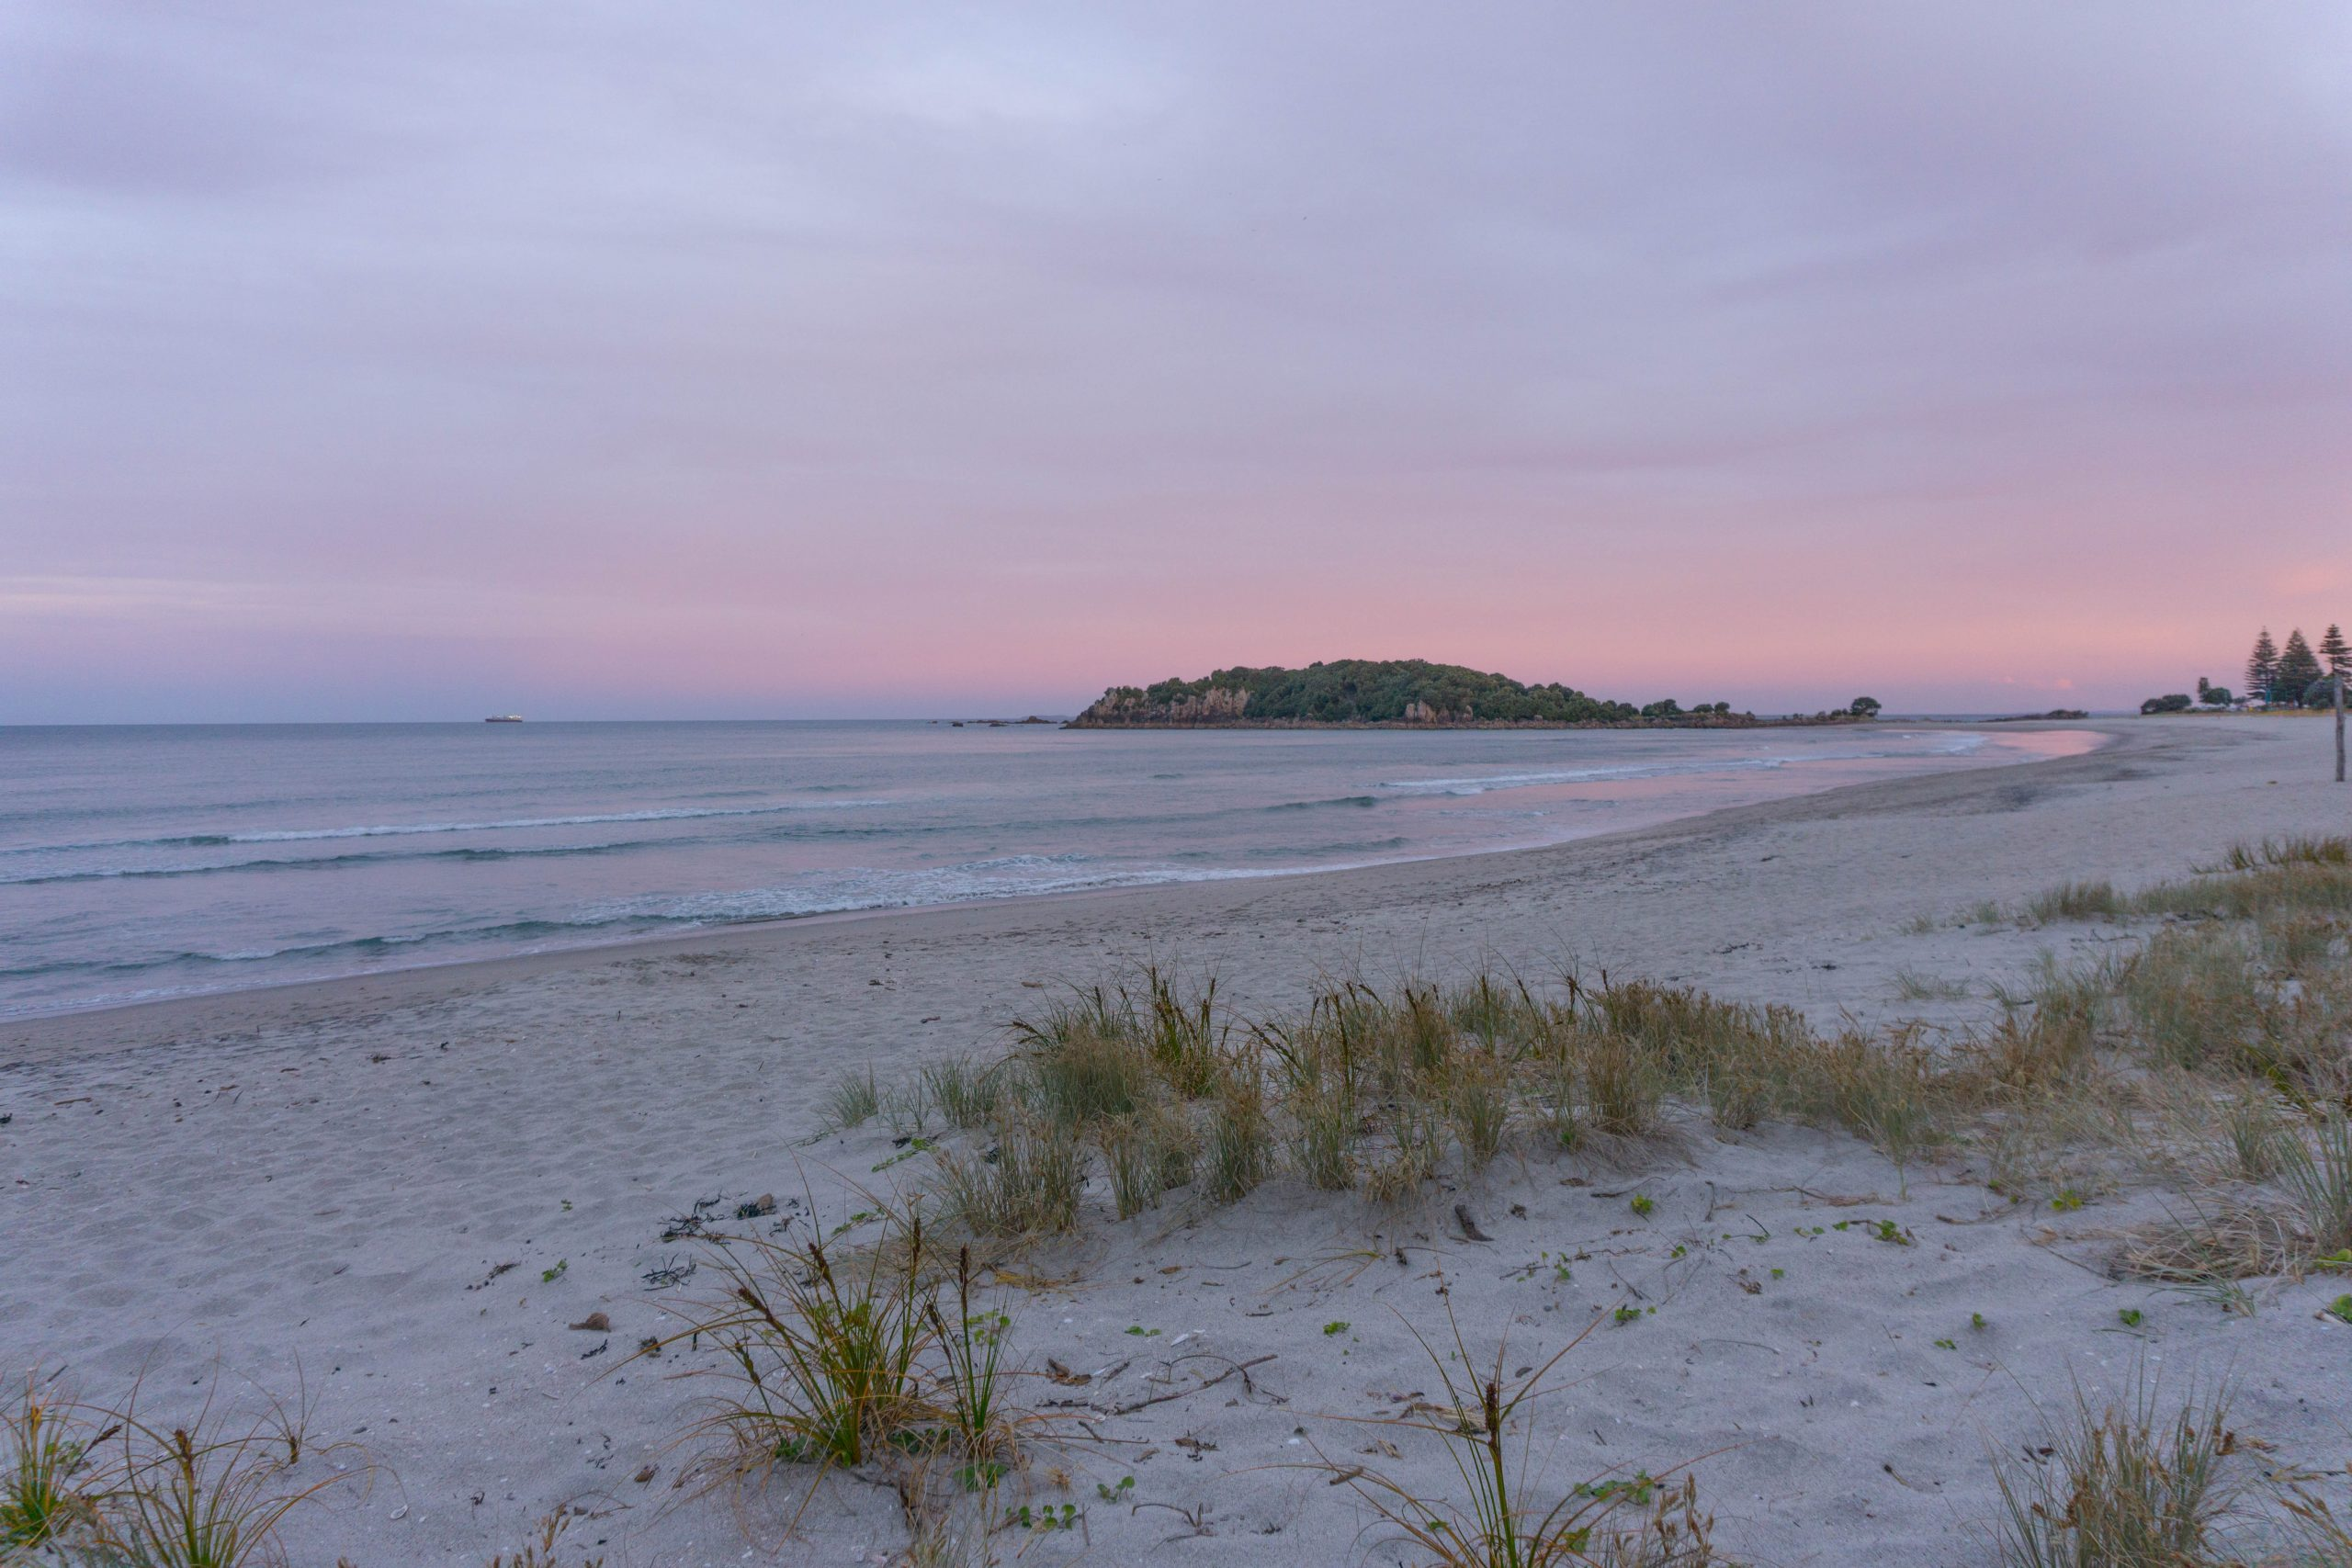 Mount Maunganui beach at sunset